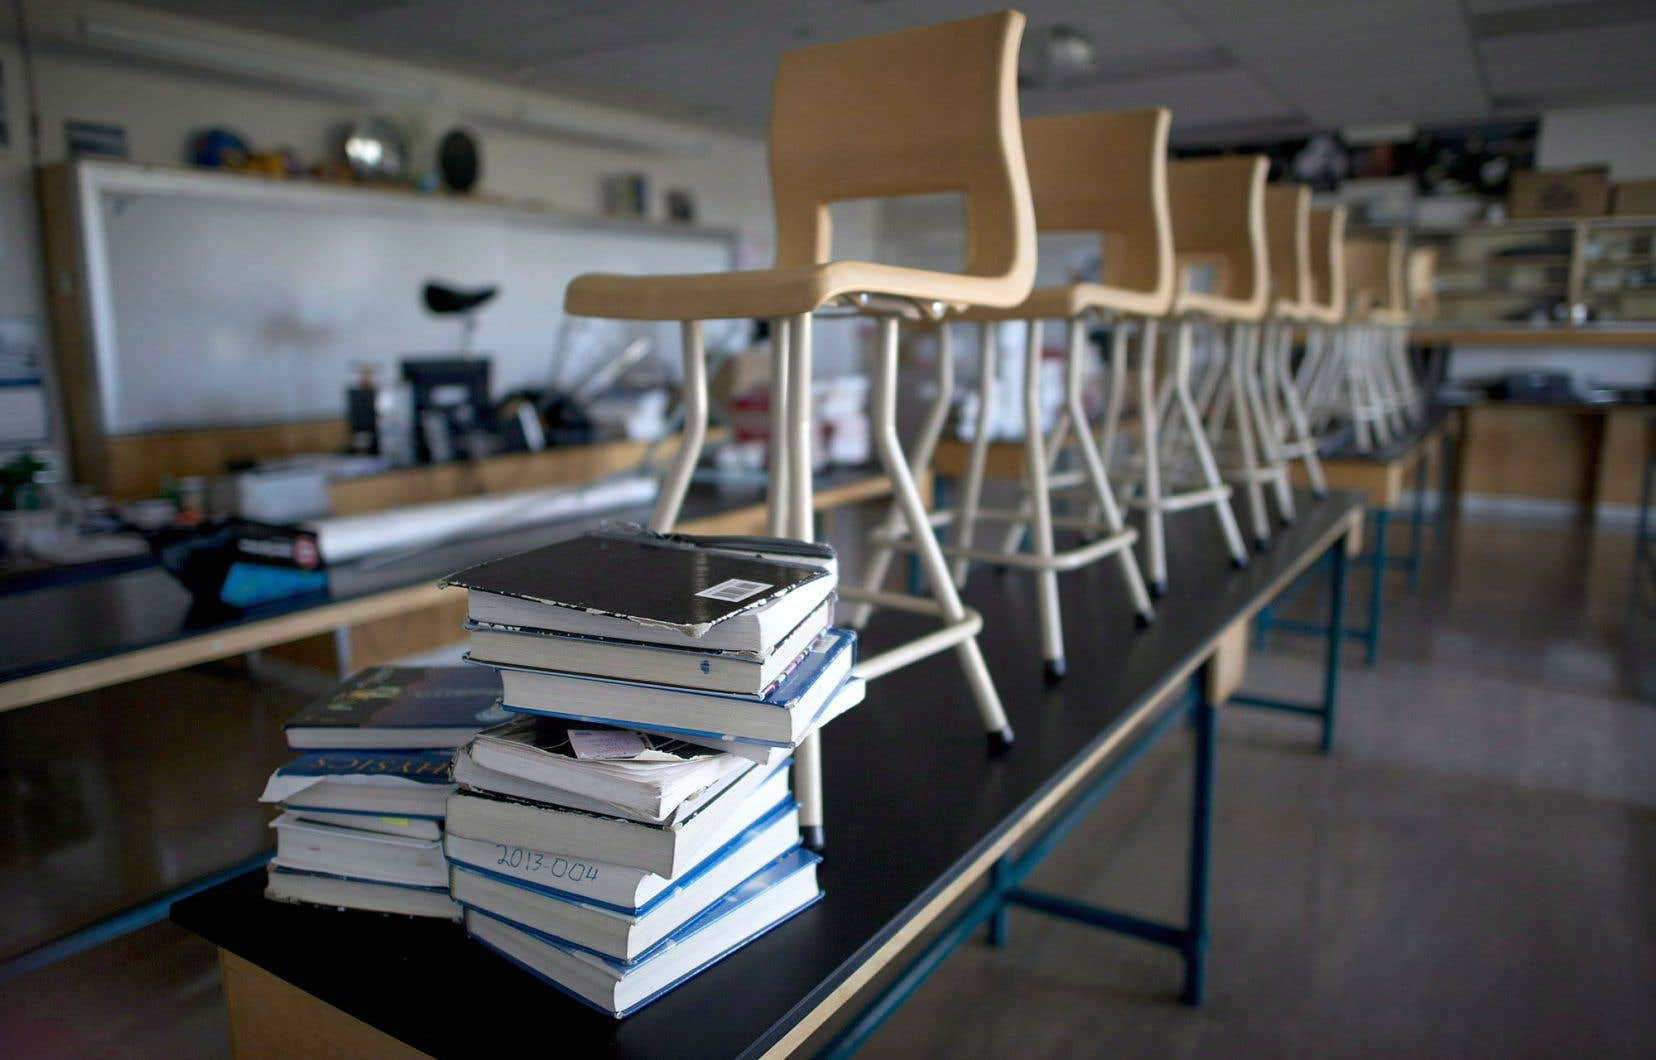 Le Conseil supérieur de l'éducation a mis en avant le faible taux de diplomation et de qualification des élèves handicapés ou en difficulté d'apprentissage.